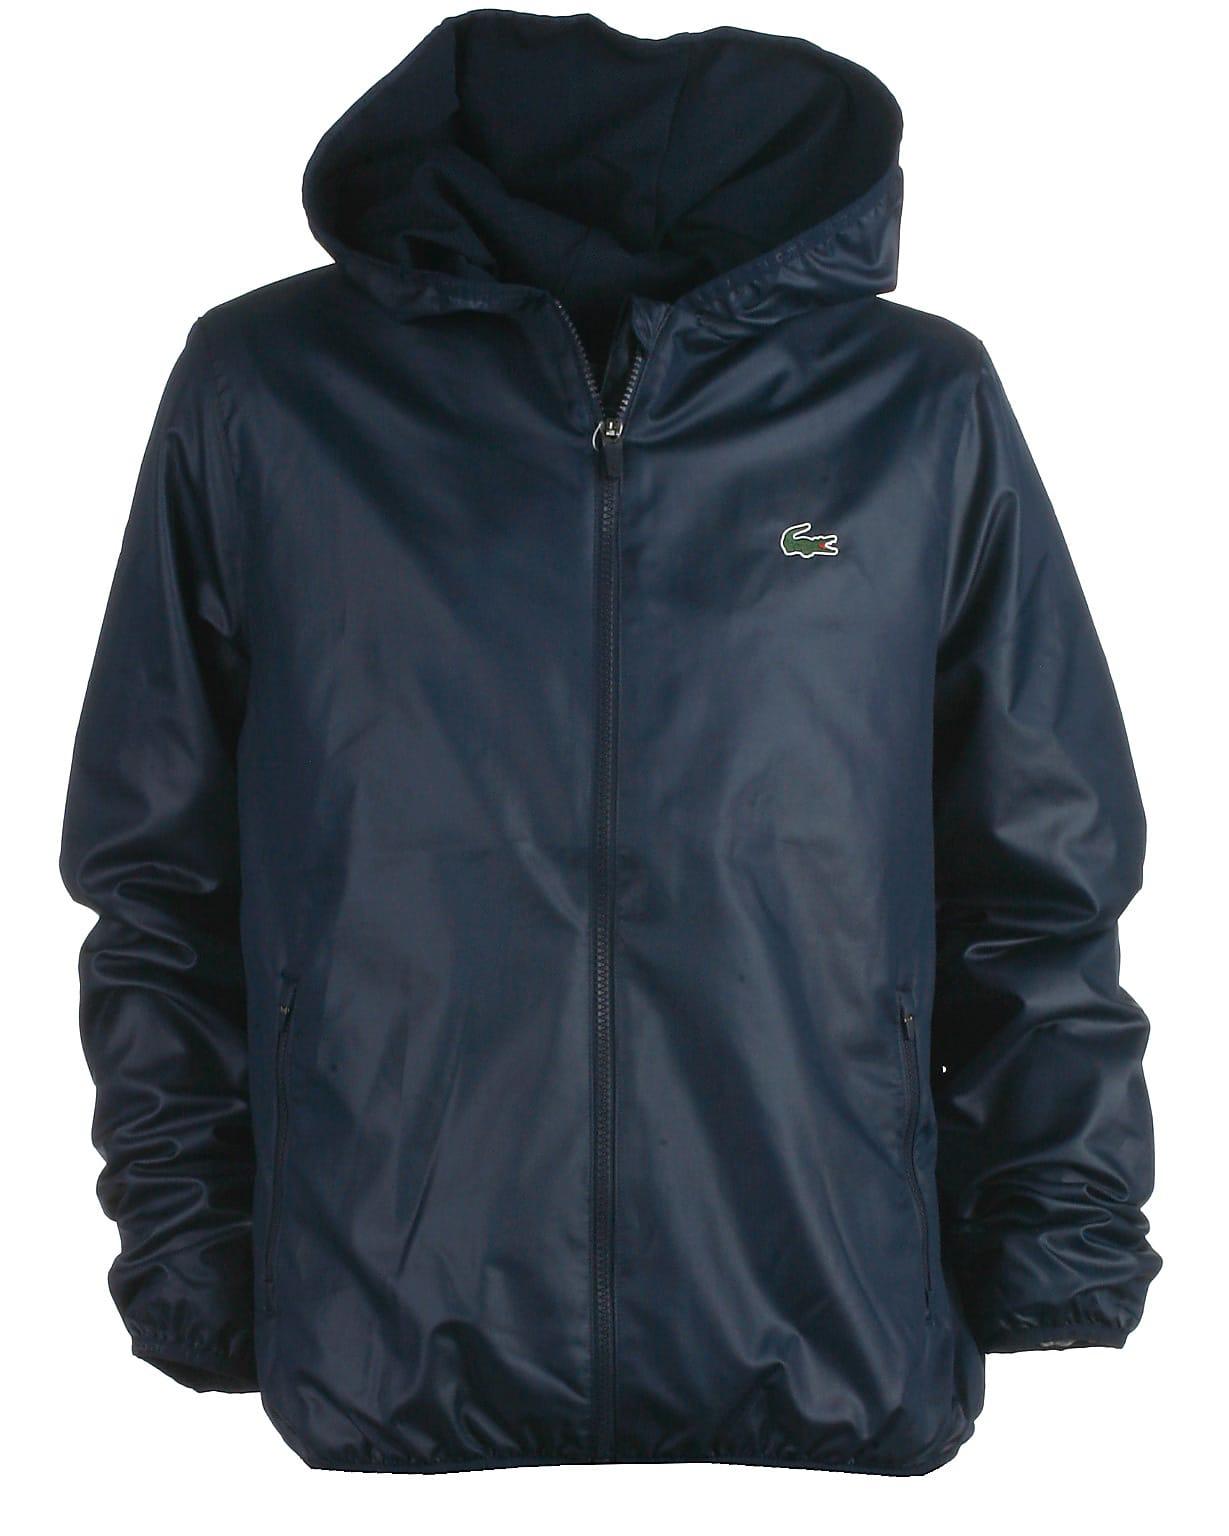 b4a37731c3a Lacoste jakke, navy. Stort udvalg af jakker til teens og tweens.